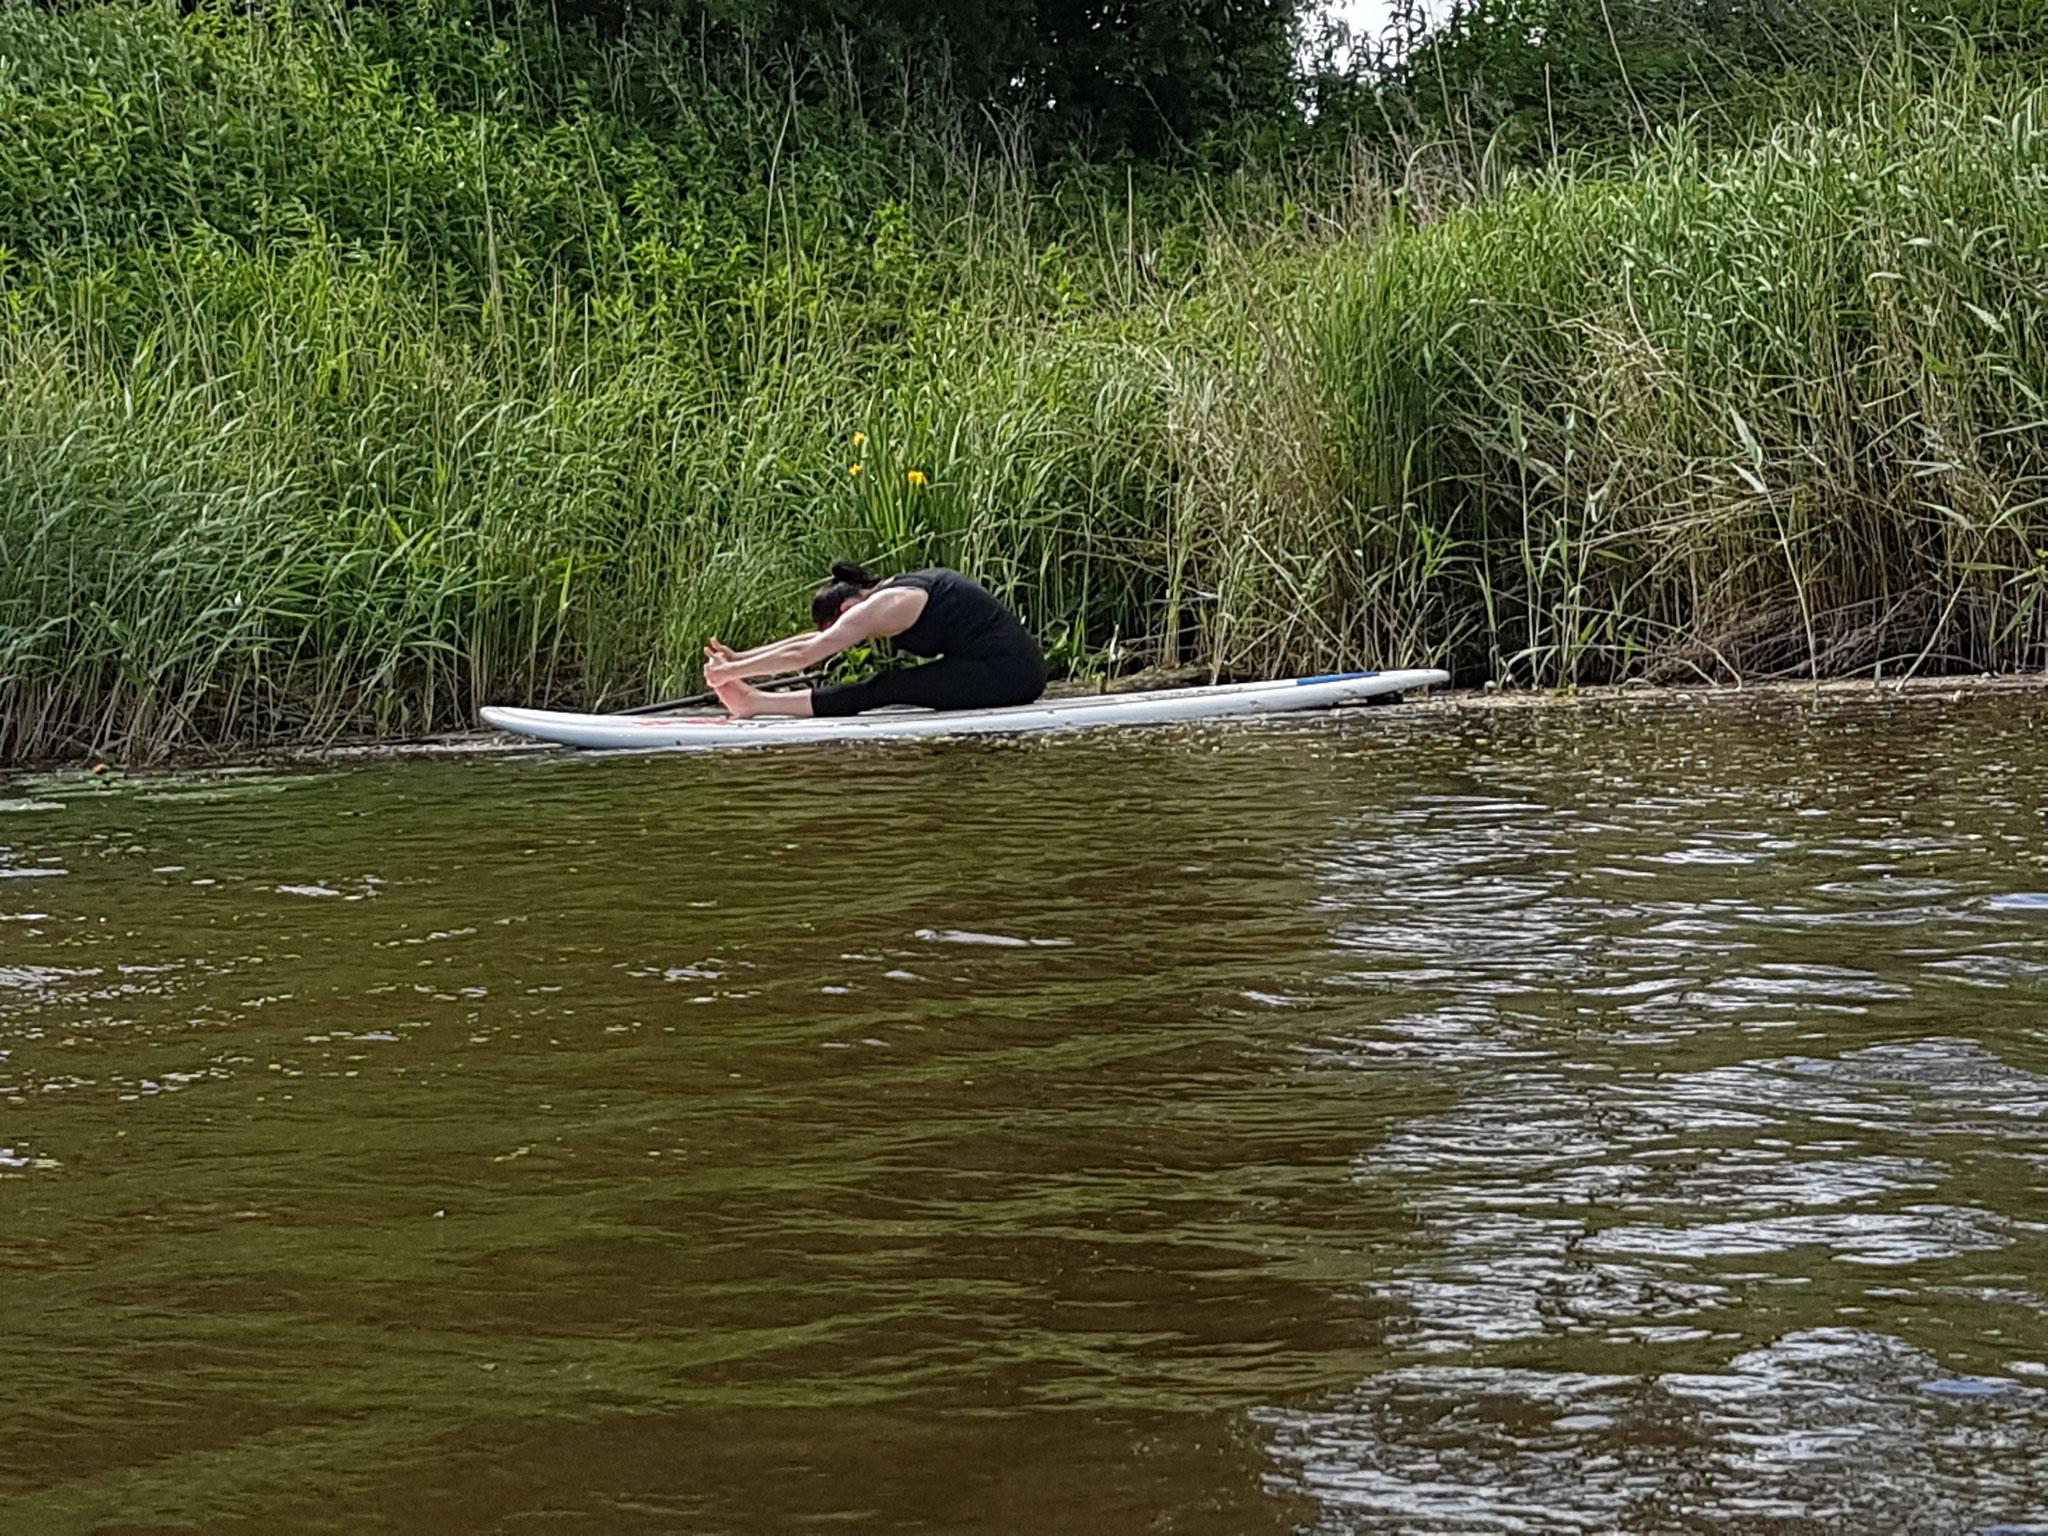 YOGA auf dem SUP Board - für Deine Entspannung & Achtsamkeit